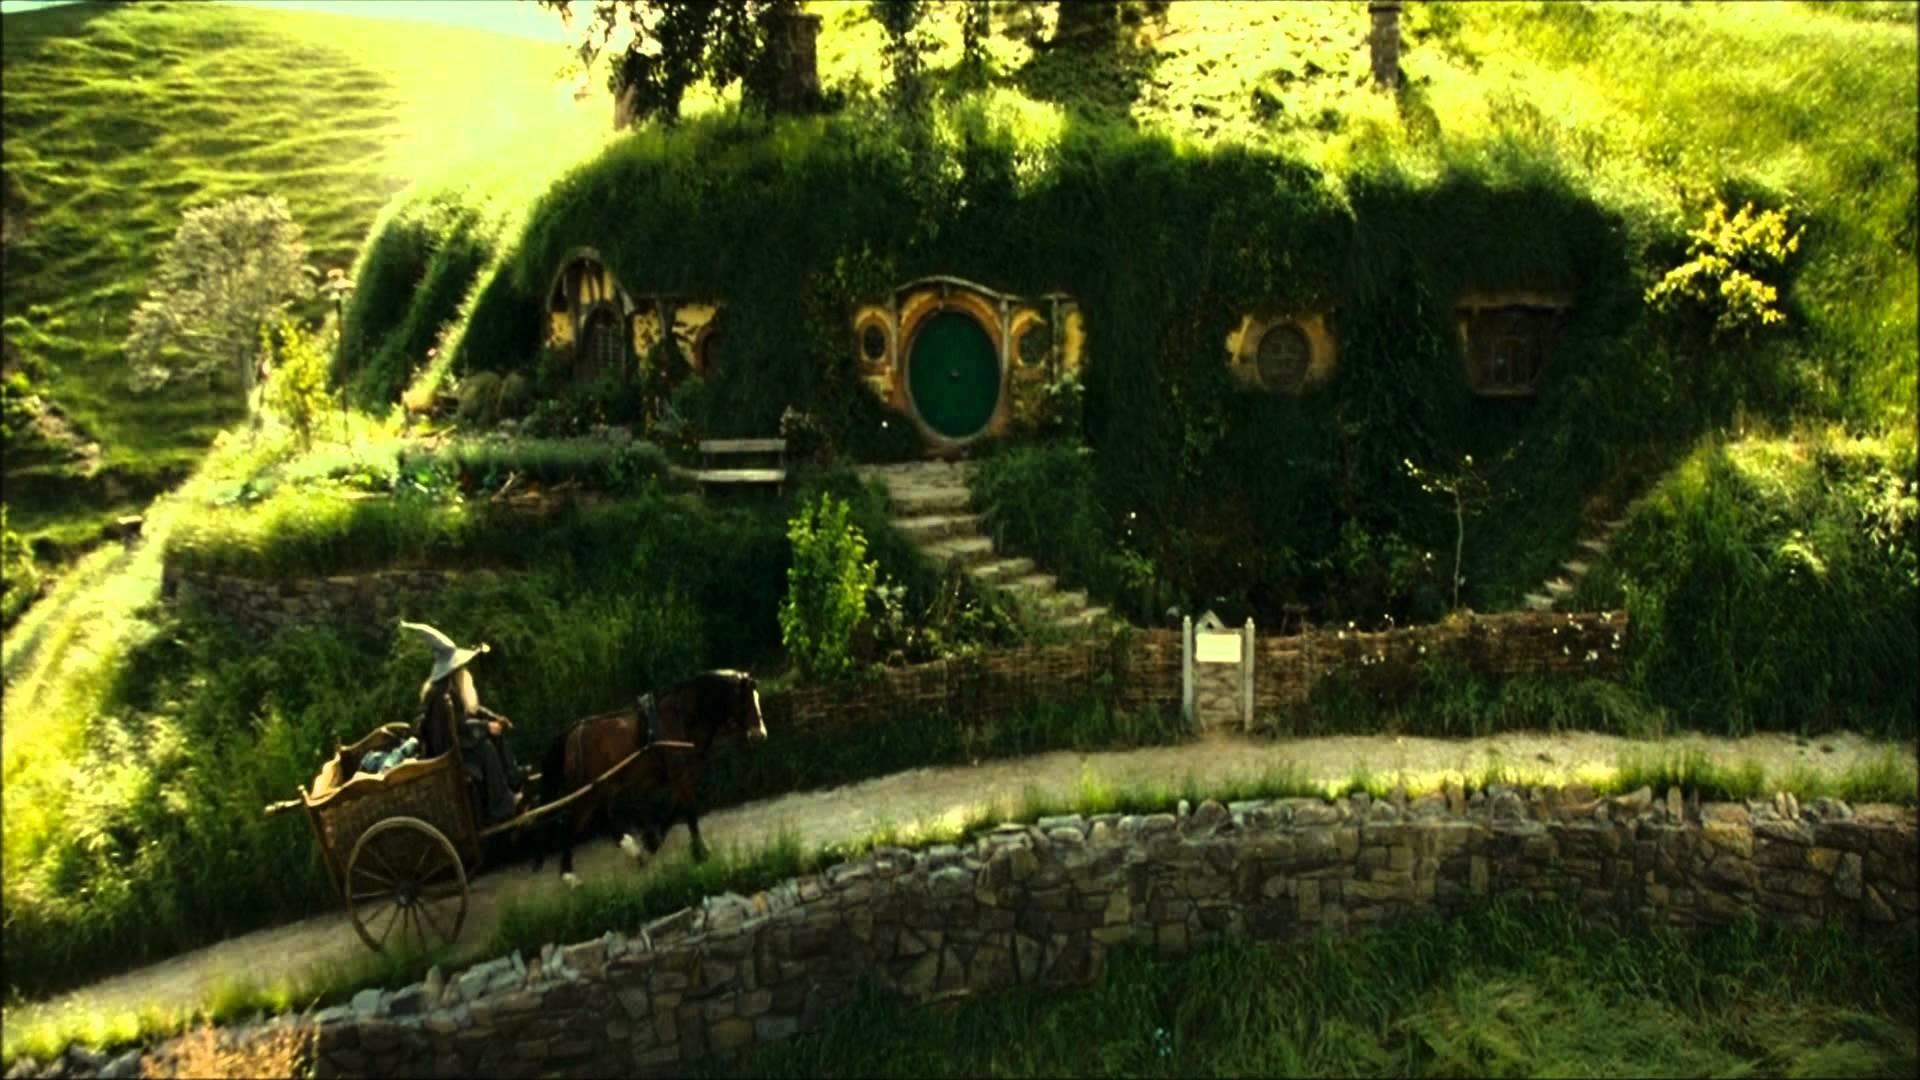 The Hobbit The Shire Wallpaper – WallpaperSafari